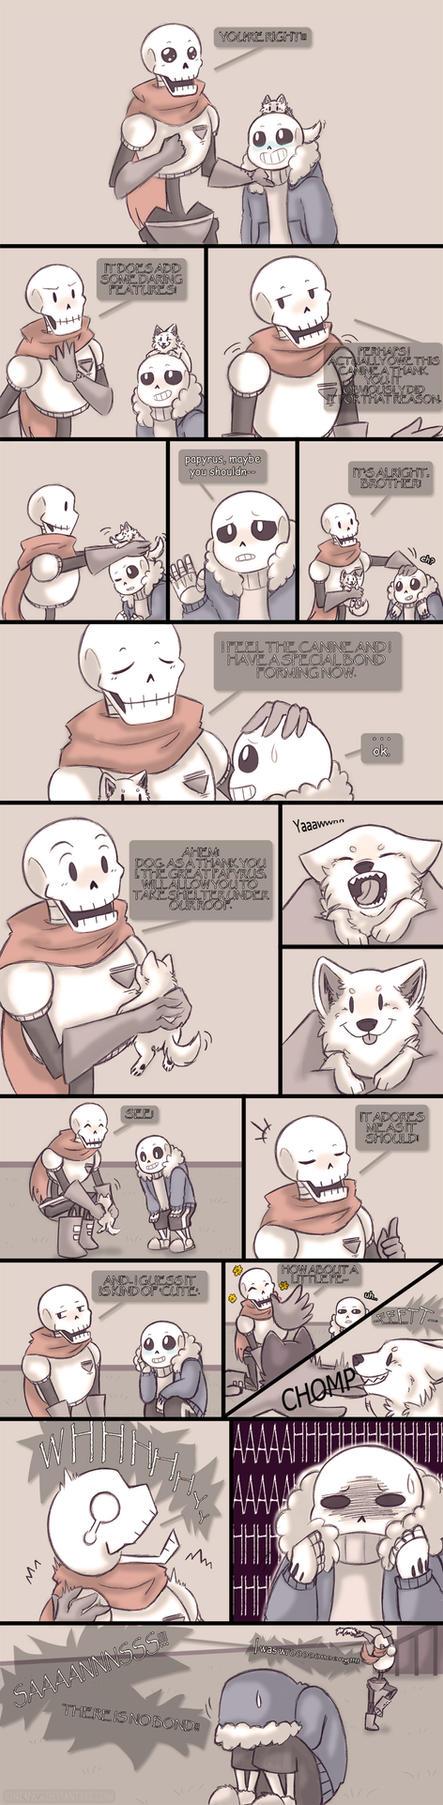 .Undertale Fancomic: Annoying Dog - Page 10.+ by Kintanga